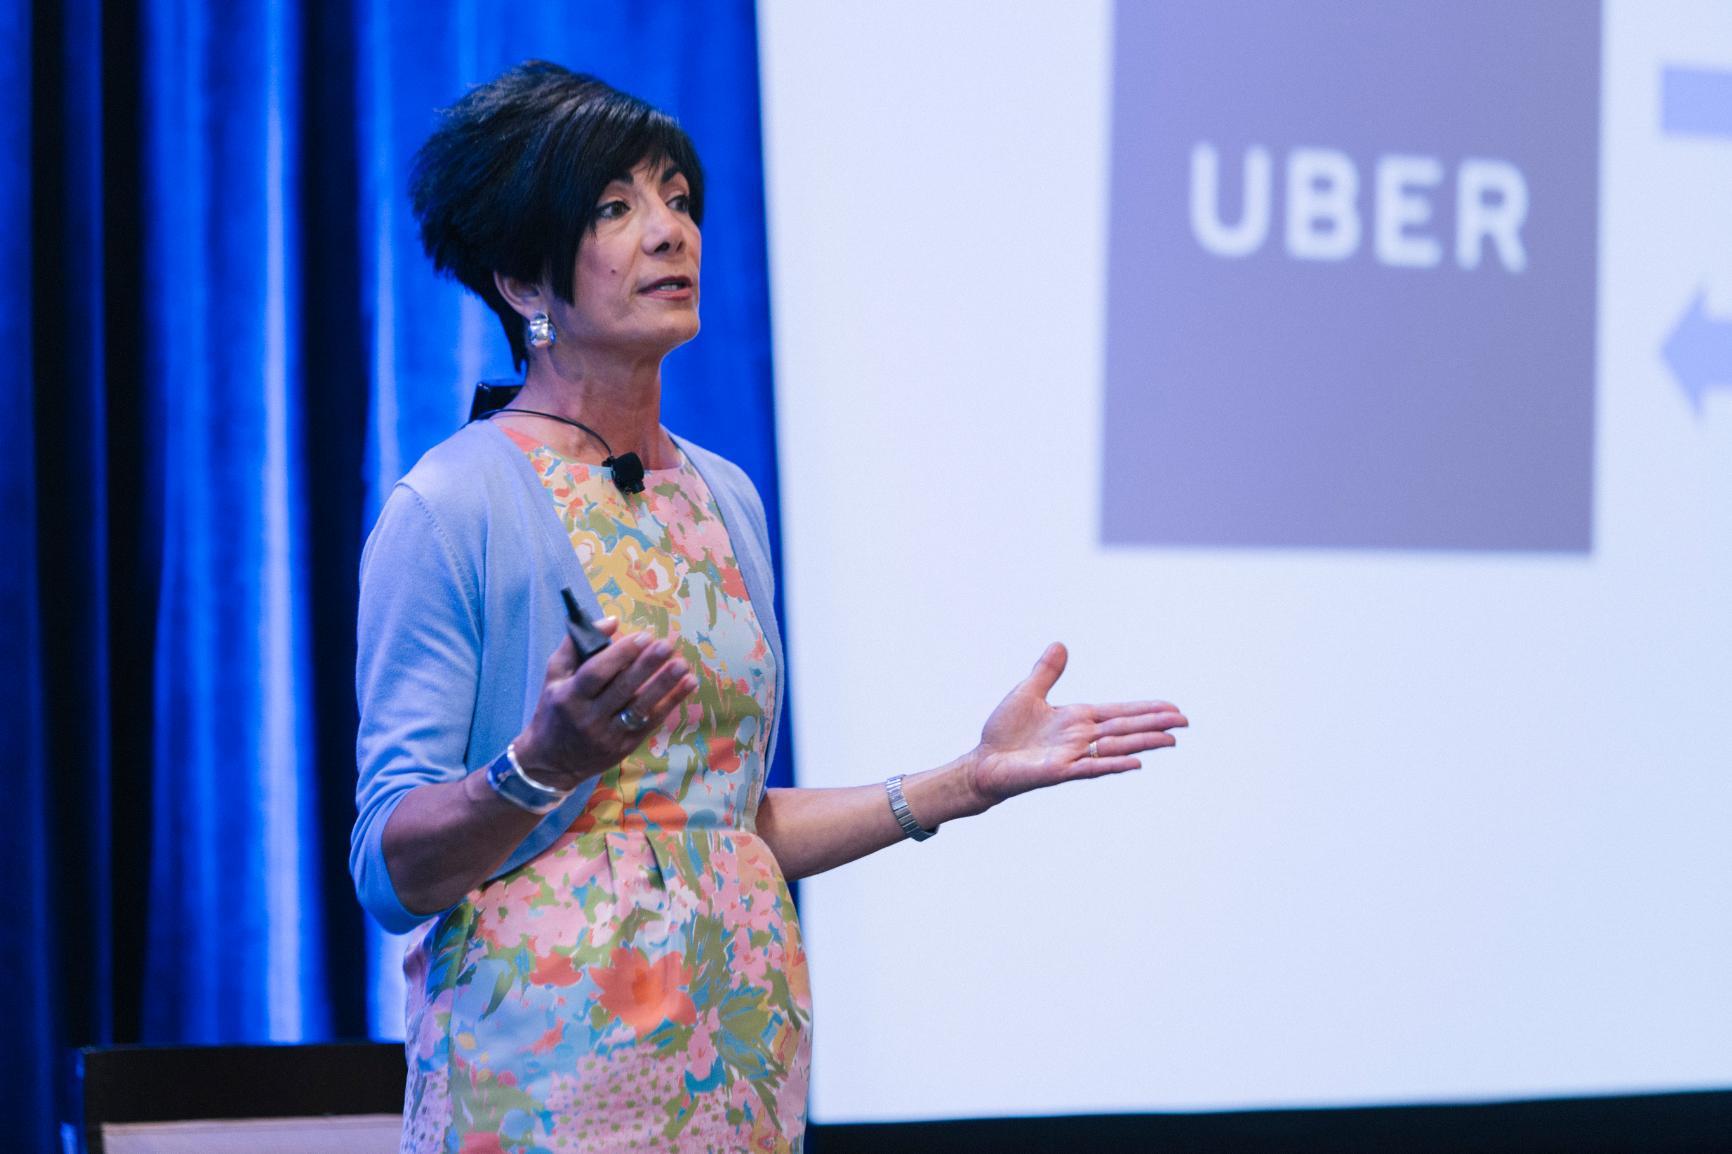 Uber Speaker Session - CCW Executive Exchange